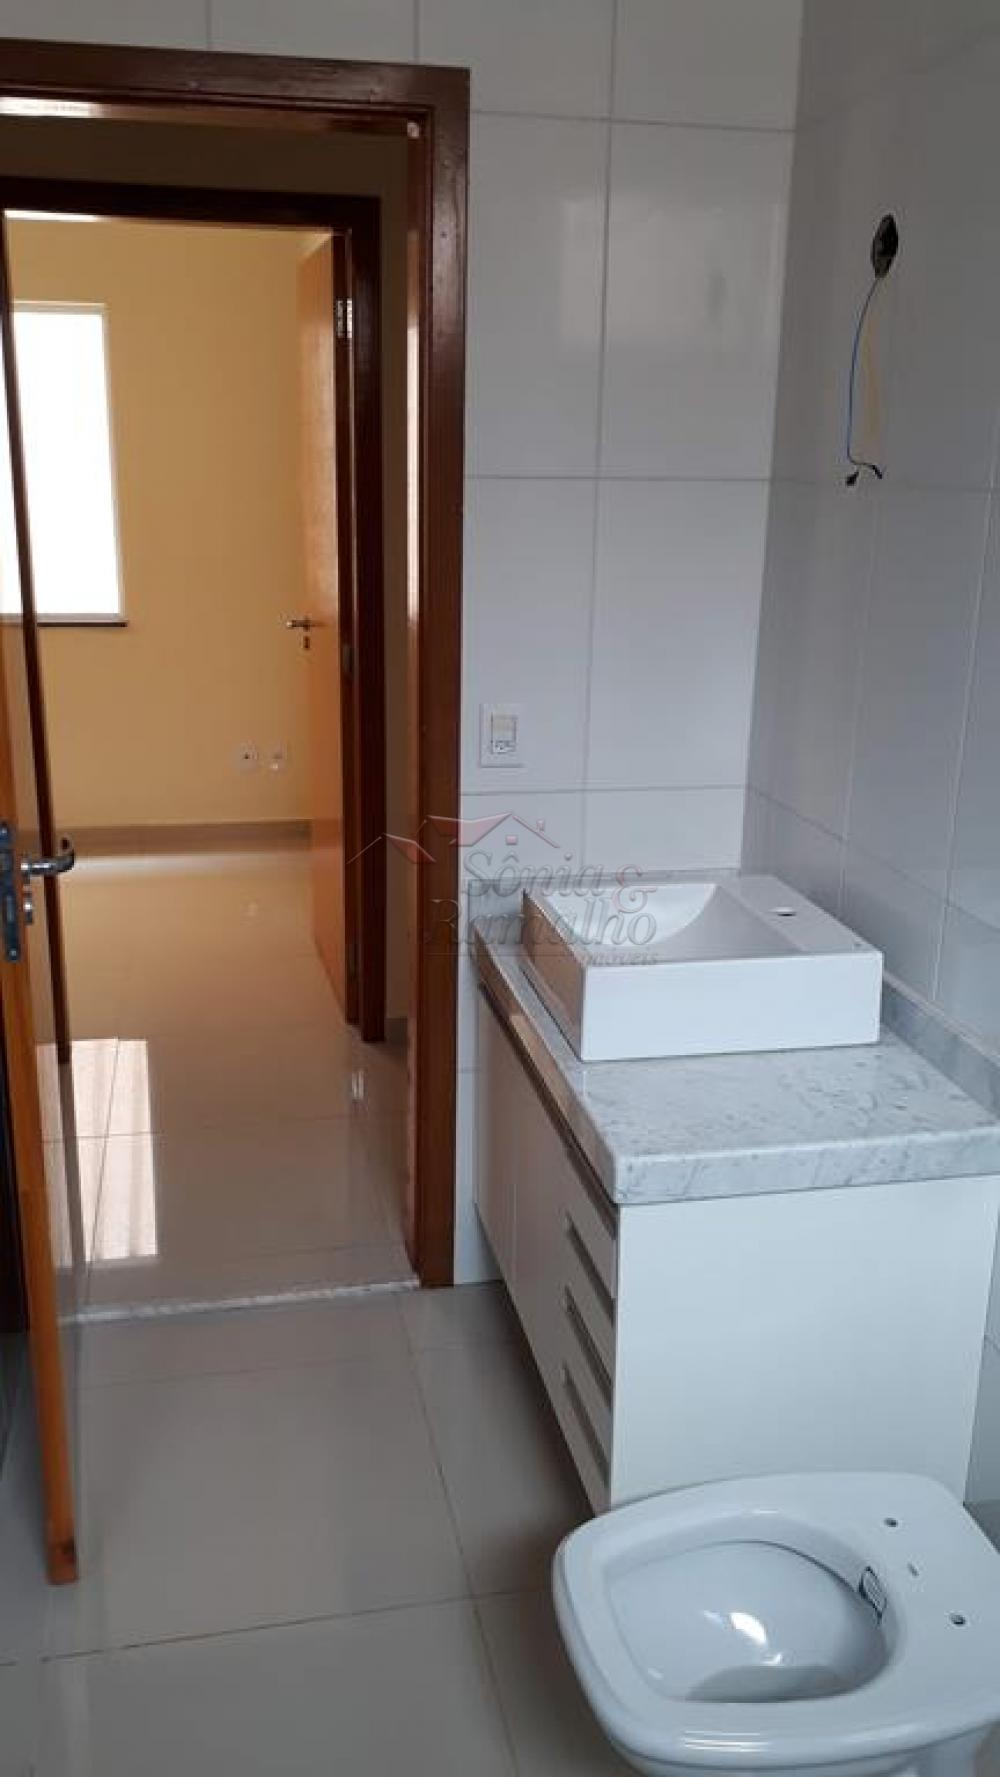 Alugar Casas / Padrão em Ribeirão Preto apenas R$ 3.300,00 - Foto 13